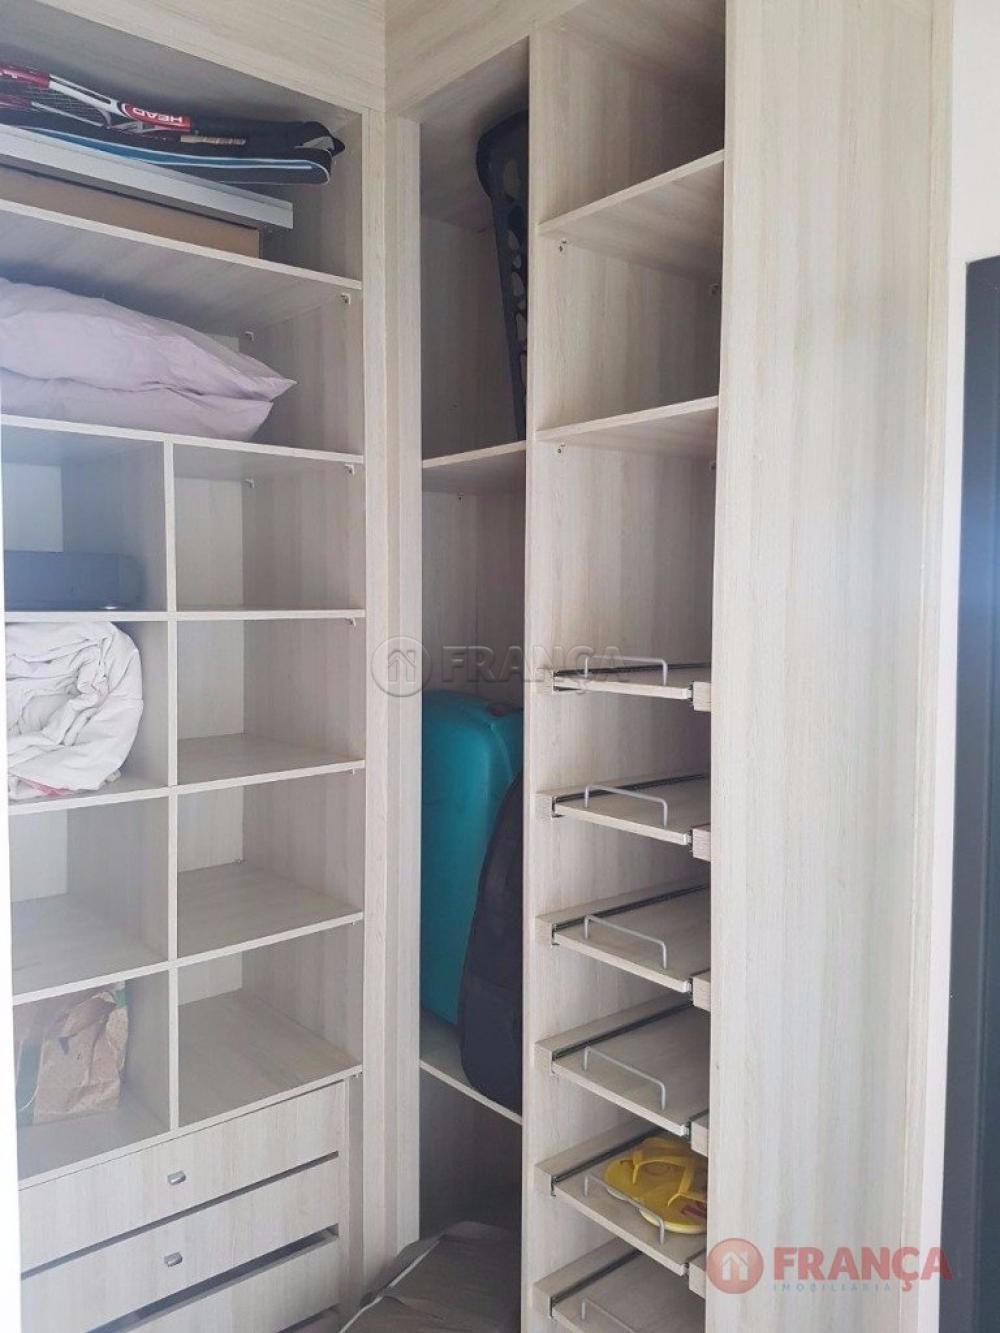 Comprar Casa / Condomínio em Jacareí apenas R$ 1.800.000,00 - Foto 14